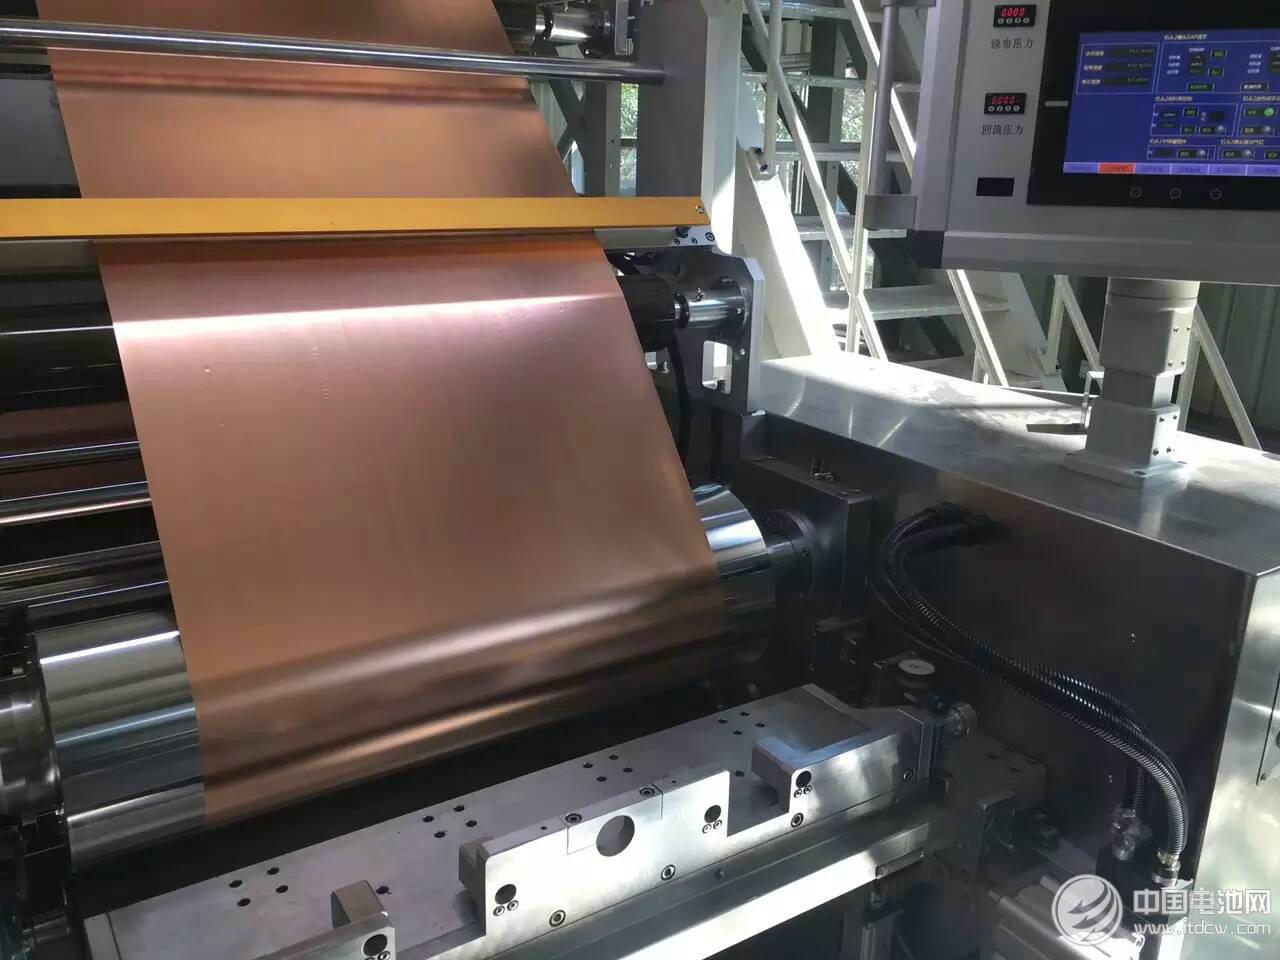 韩国SKC Inc将全资收购世界最大铜箔制造商KCF